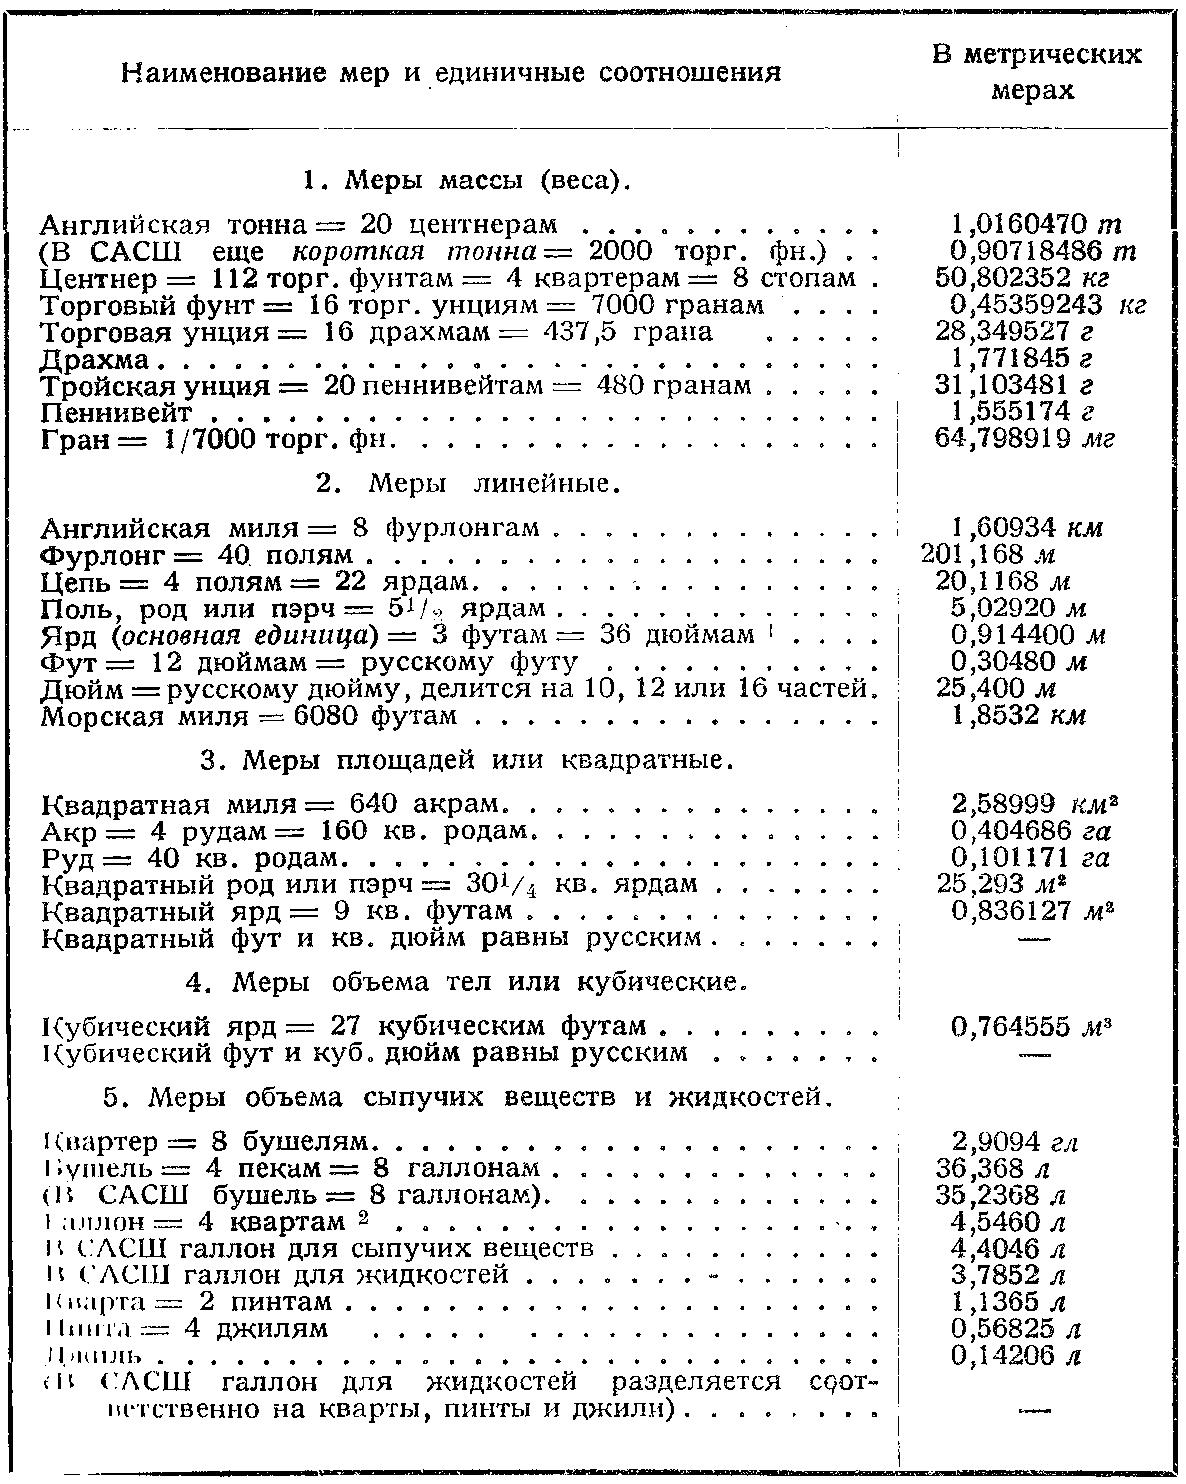 английские меры веса в Справочнике металлиста, 1930г.